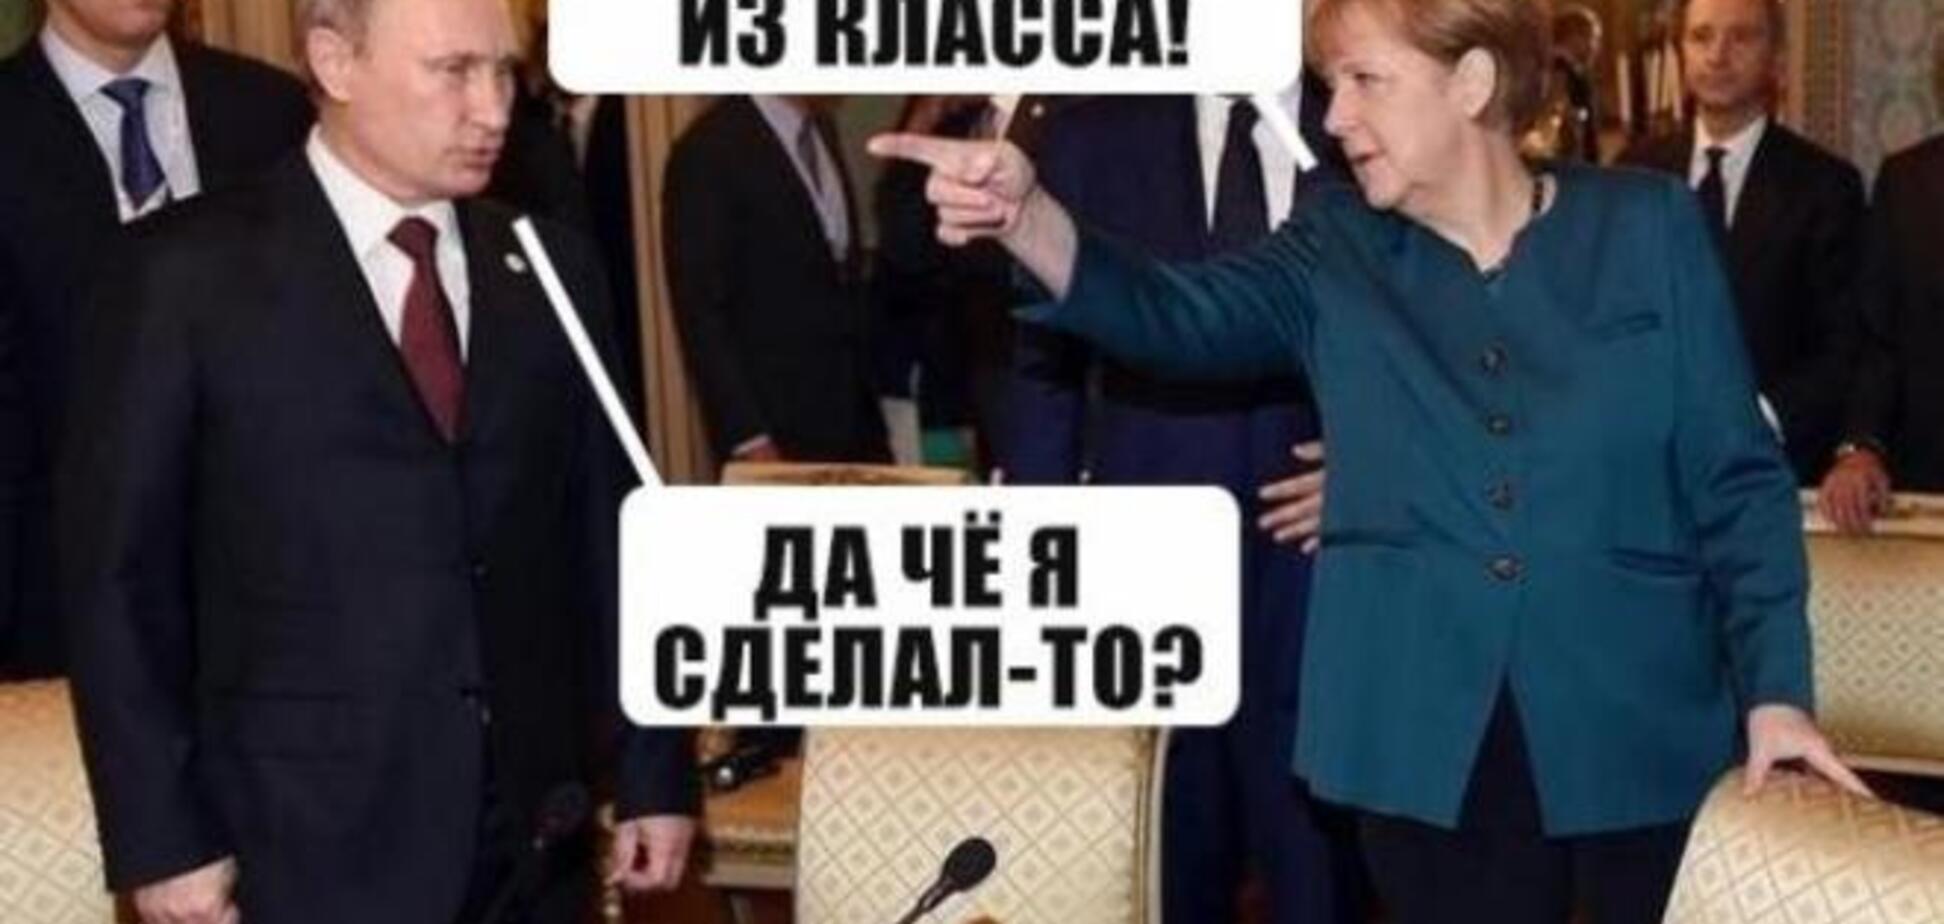 'Вибачте, я спізнився': Путіна висміяли фотожабами за його непунктуальність